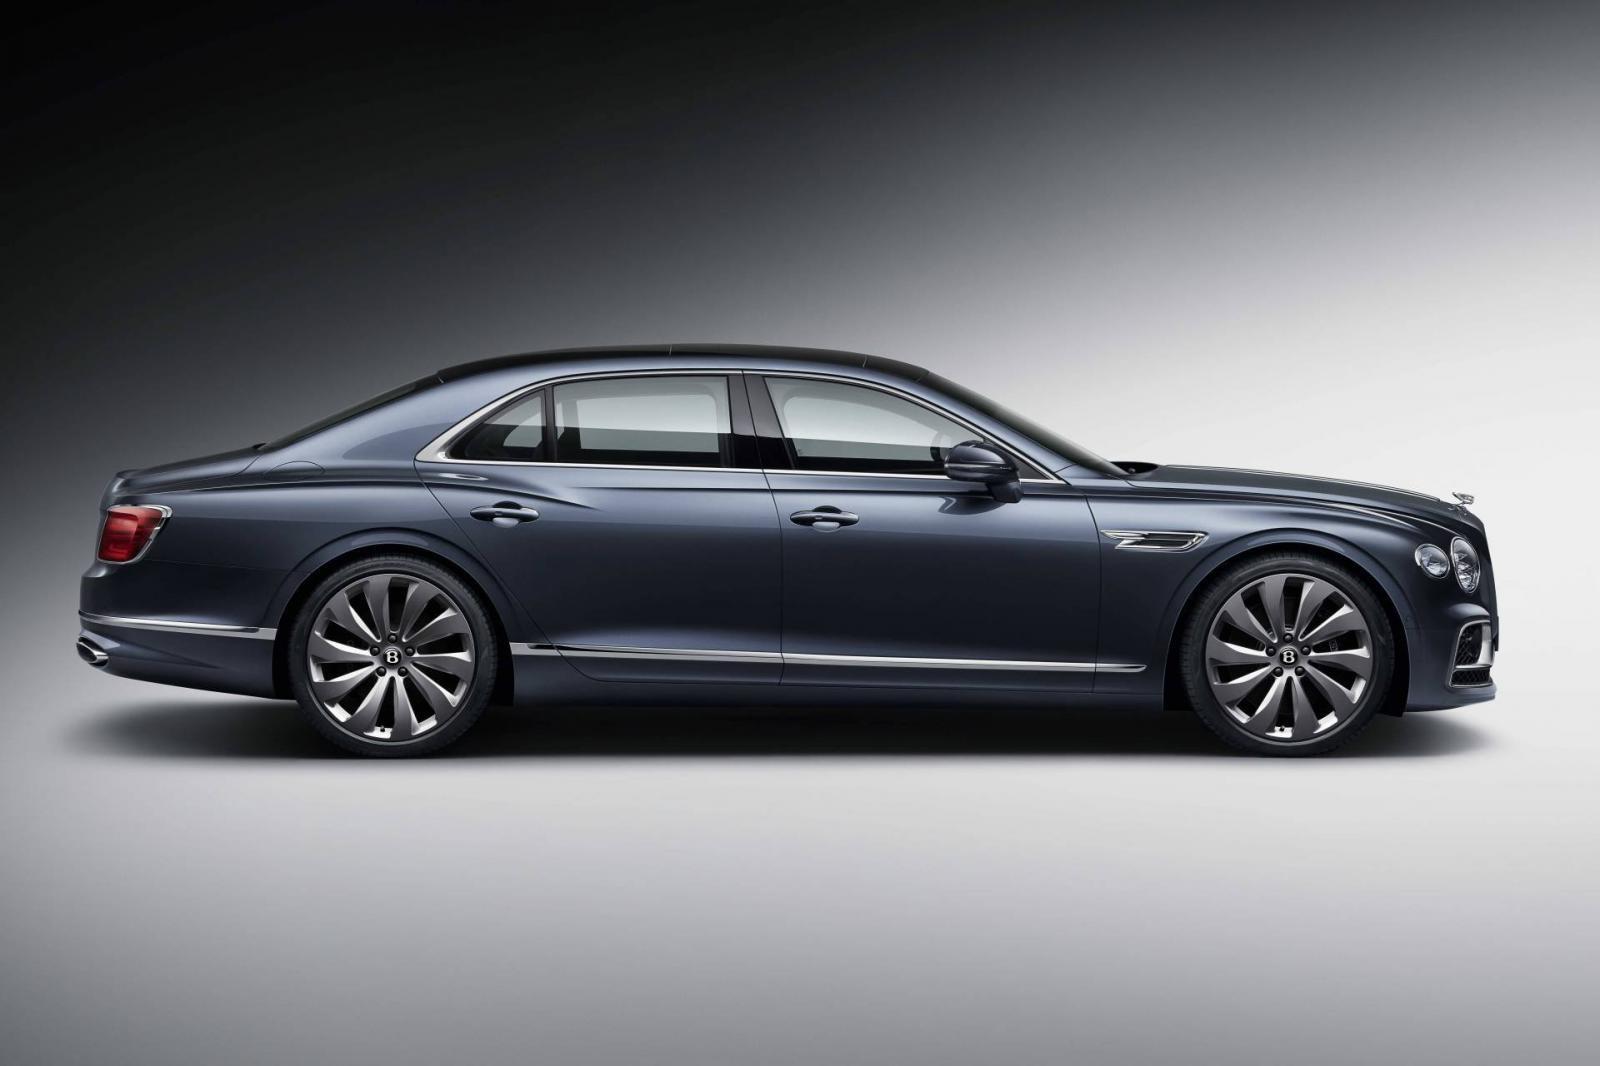 Bentley Flying Spur 2020 có chiều dài cơ sở tăng đáng kể, từ đó nới rộng nội thất